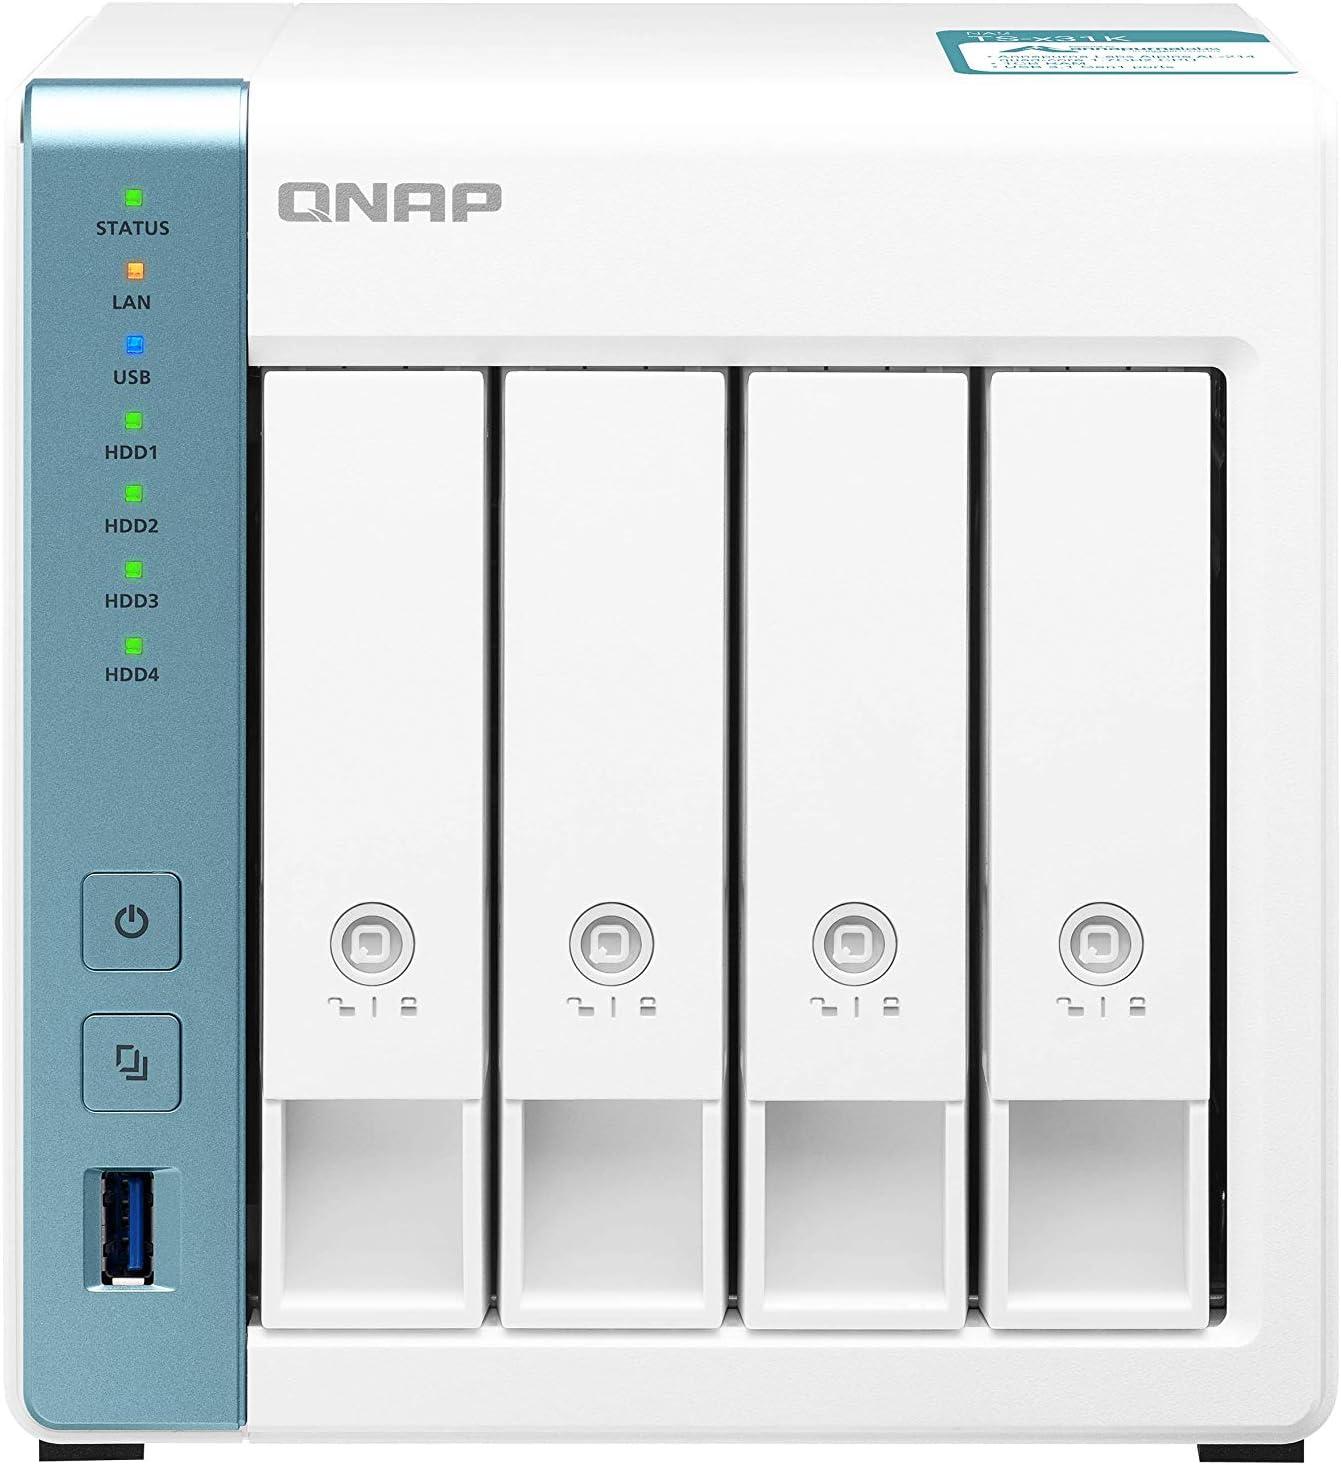 Qnap Ts 431k 4 Bay Desktop Netzwerkspeicher Gehäuse Computer Zubehör